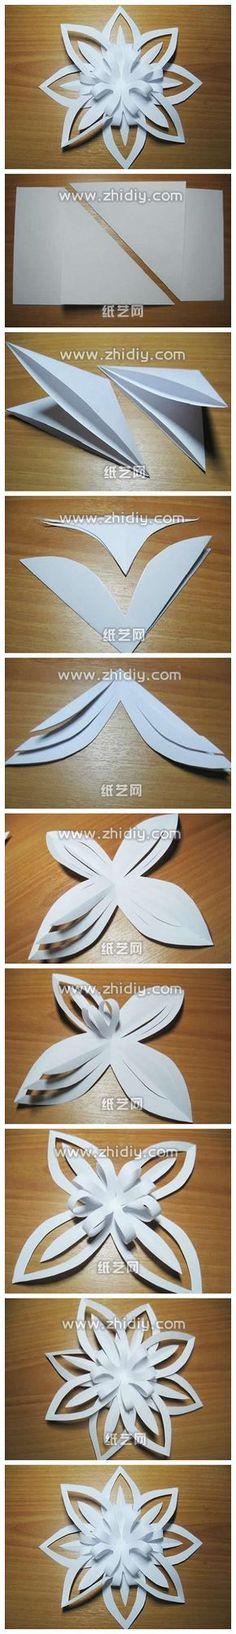 DIY  paper flower~ very cool